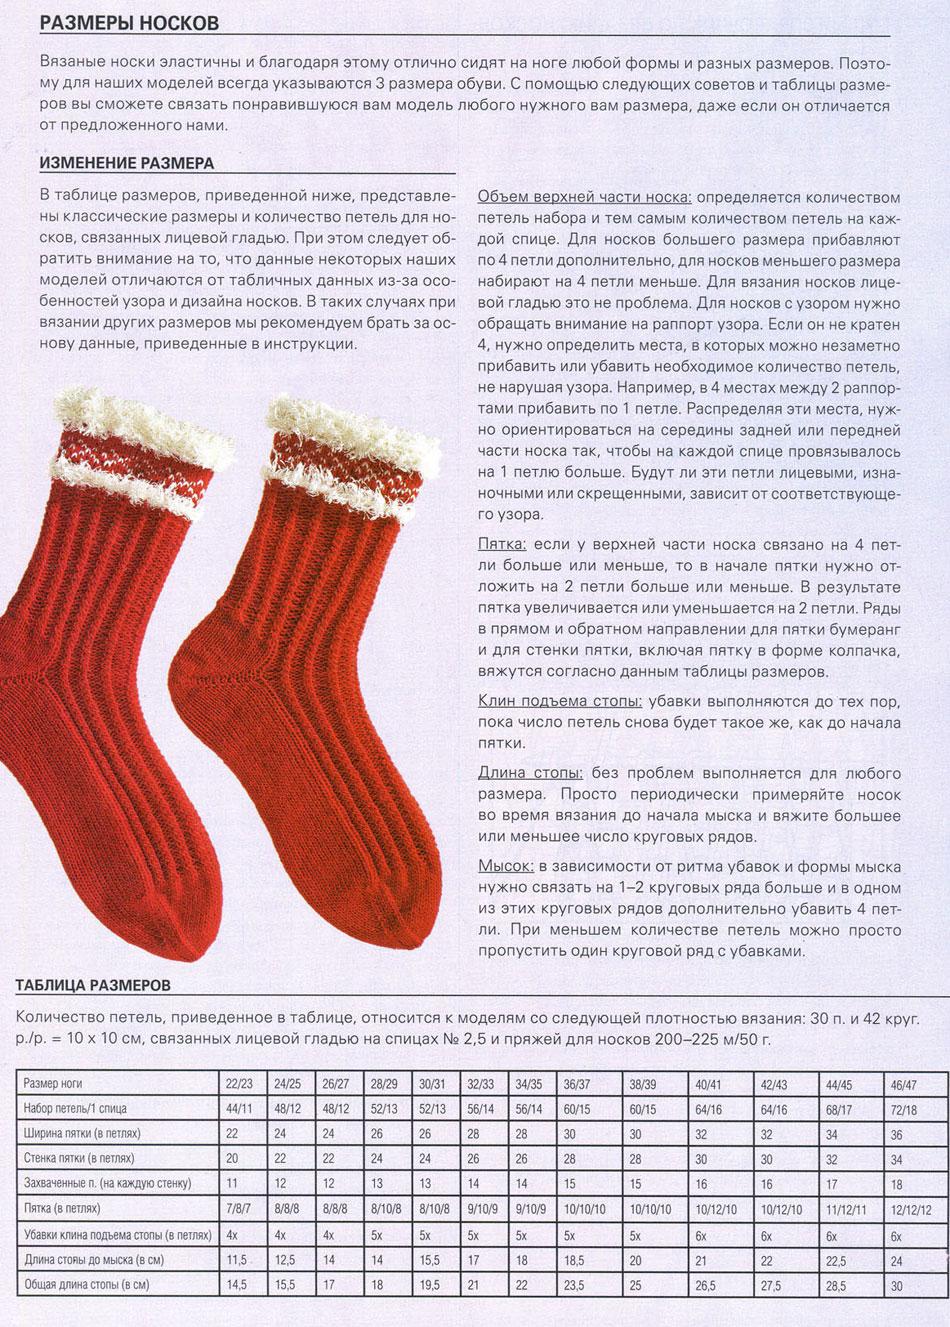 Размеры спиц для вязания носков